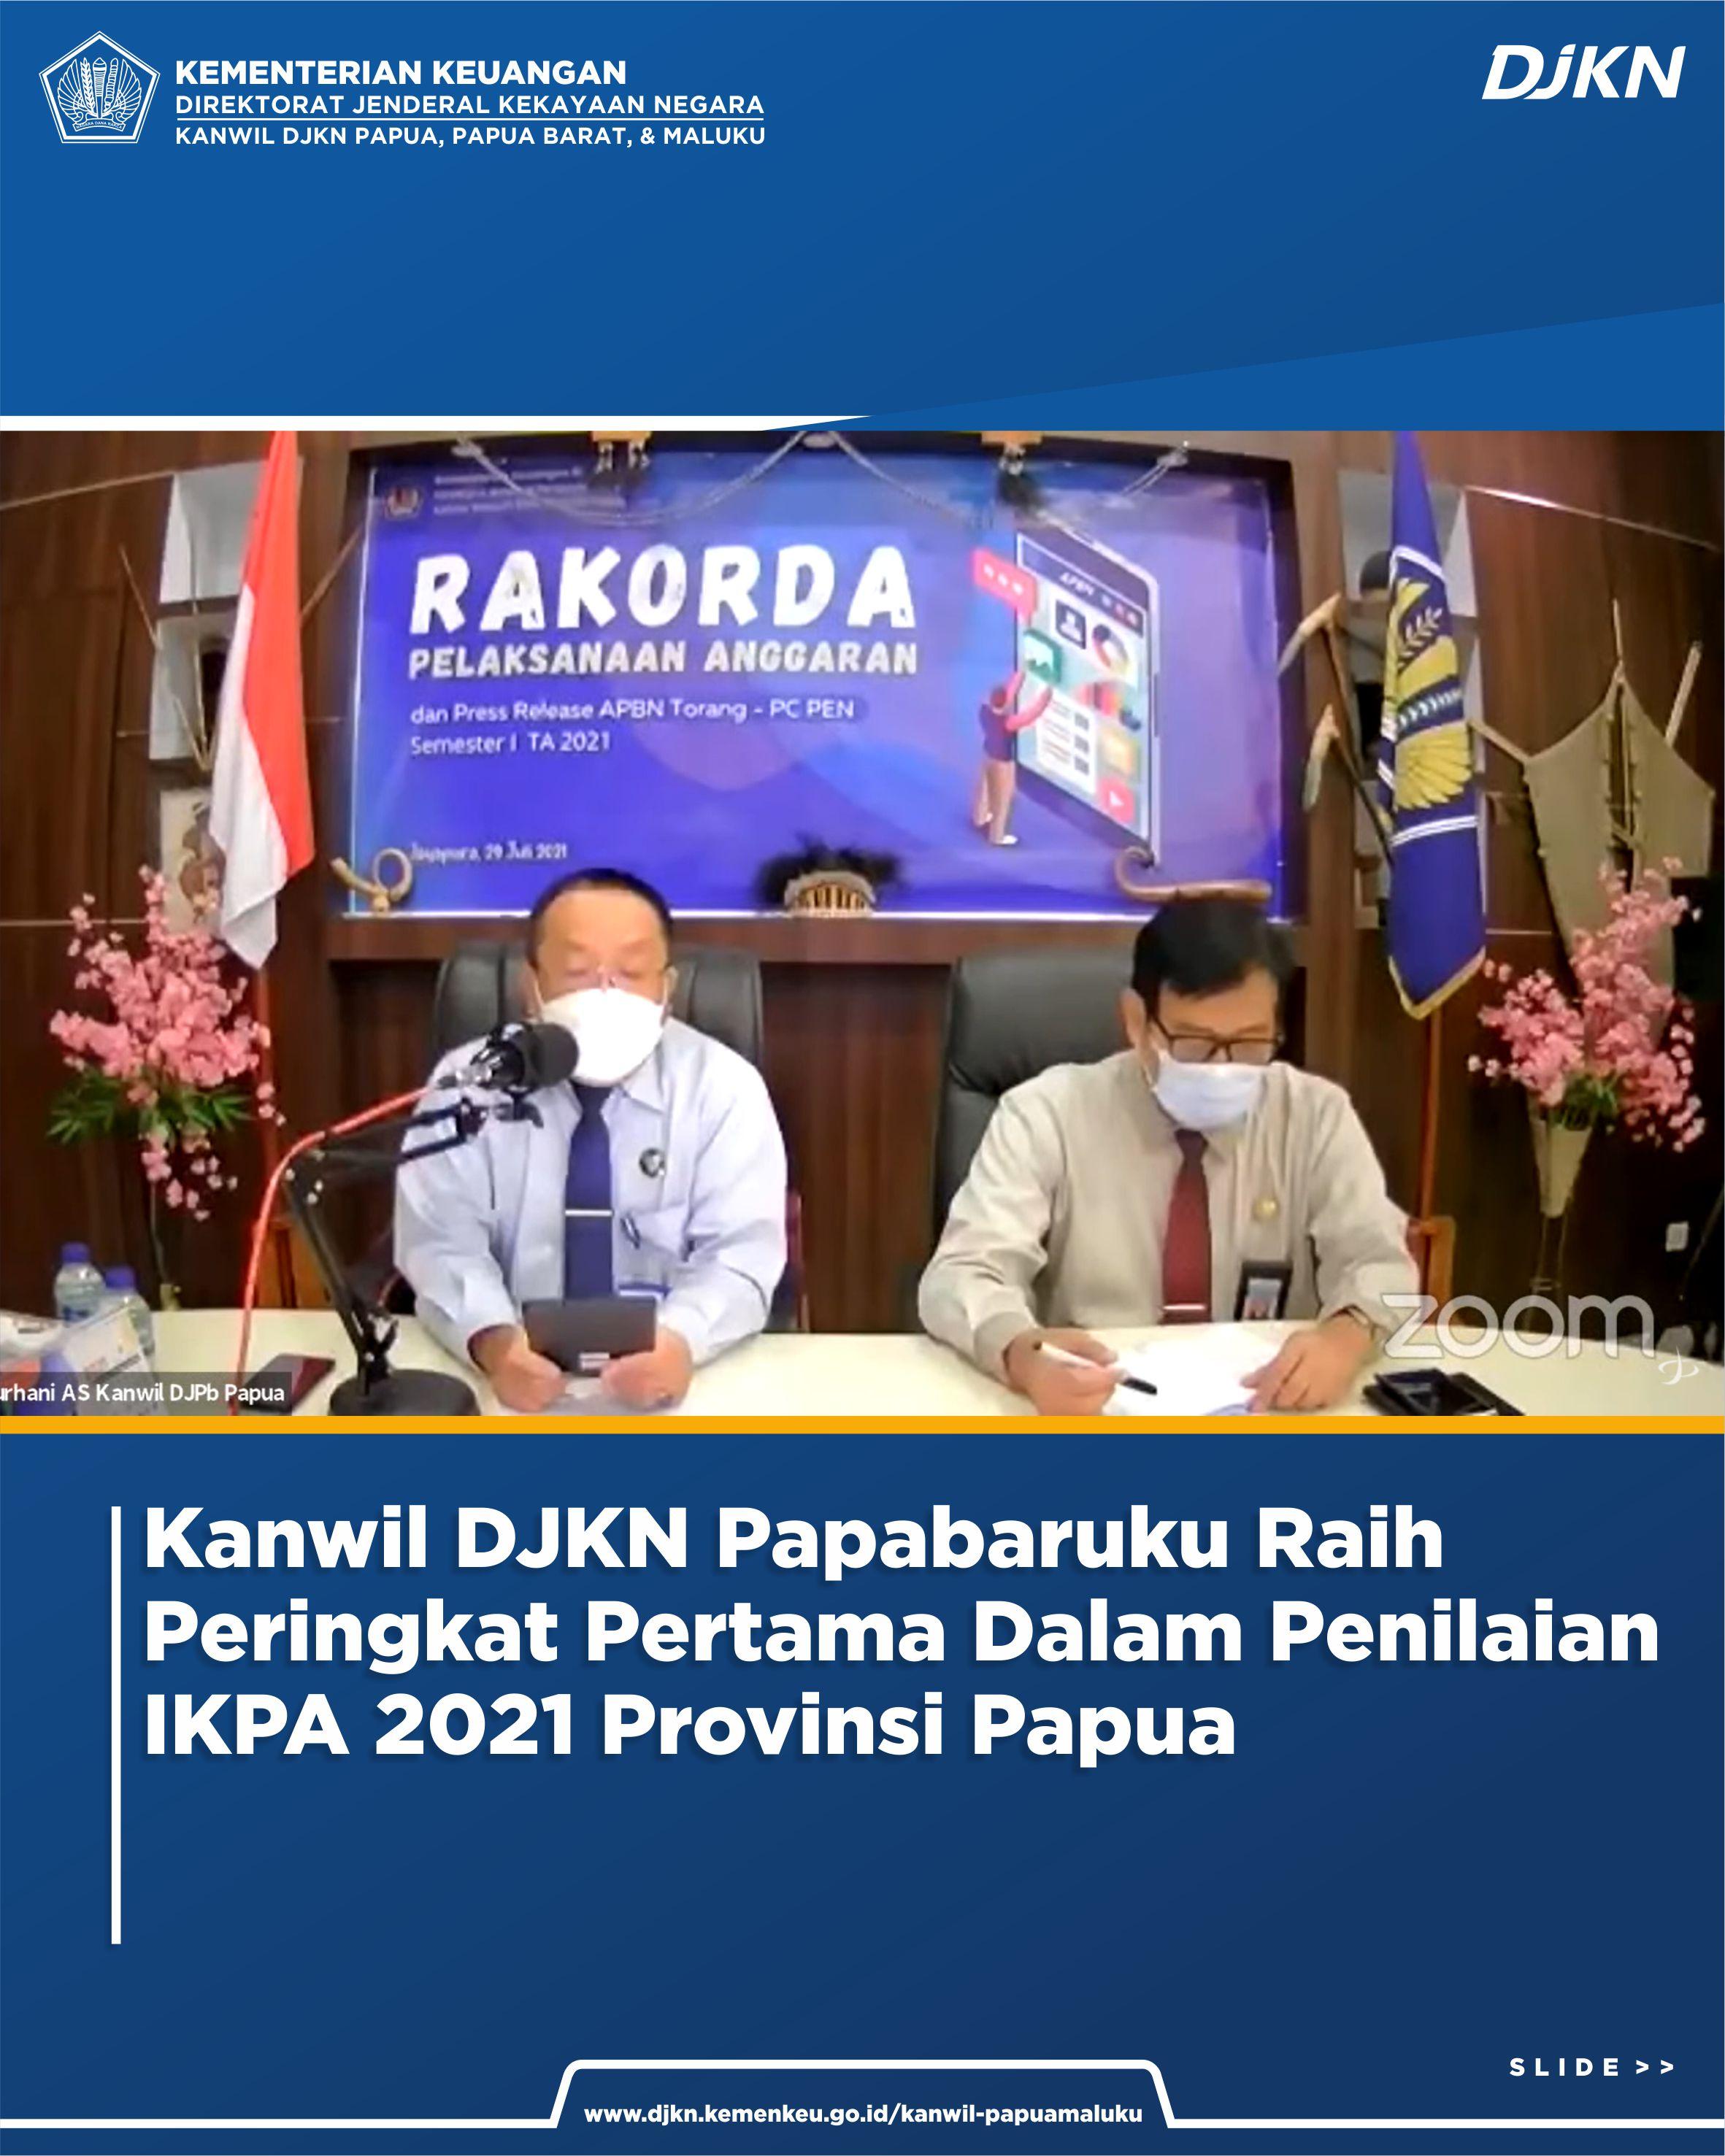 Kanwil DJKN Papua, Papua Barat, dan Maluku Meraih Penghargaan Terbaik Pertama dalam Penilaian IKPA 2021 Provinsi Papua